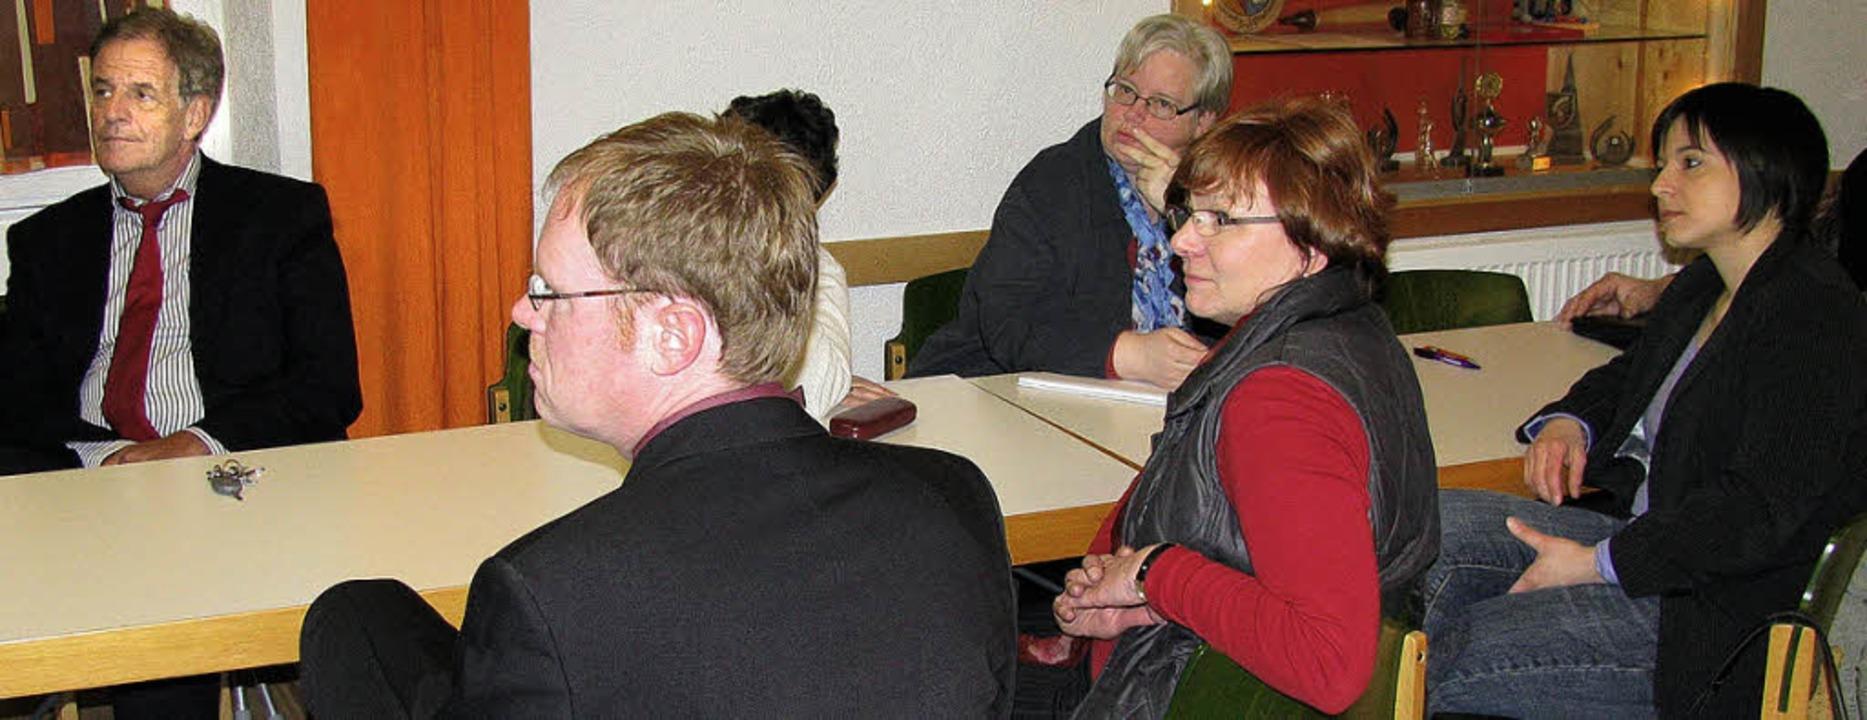 SPD-Bundestagskandidatin Jana Zirra, E...s Hägelberger  Projekt Bürgerheizung.   | Foto: Erika Dietrich